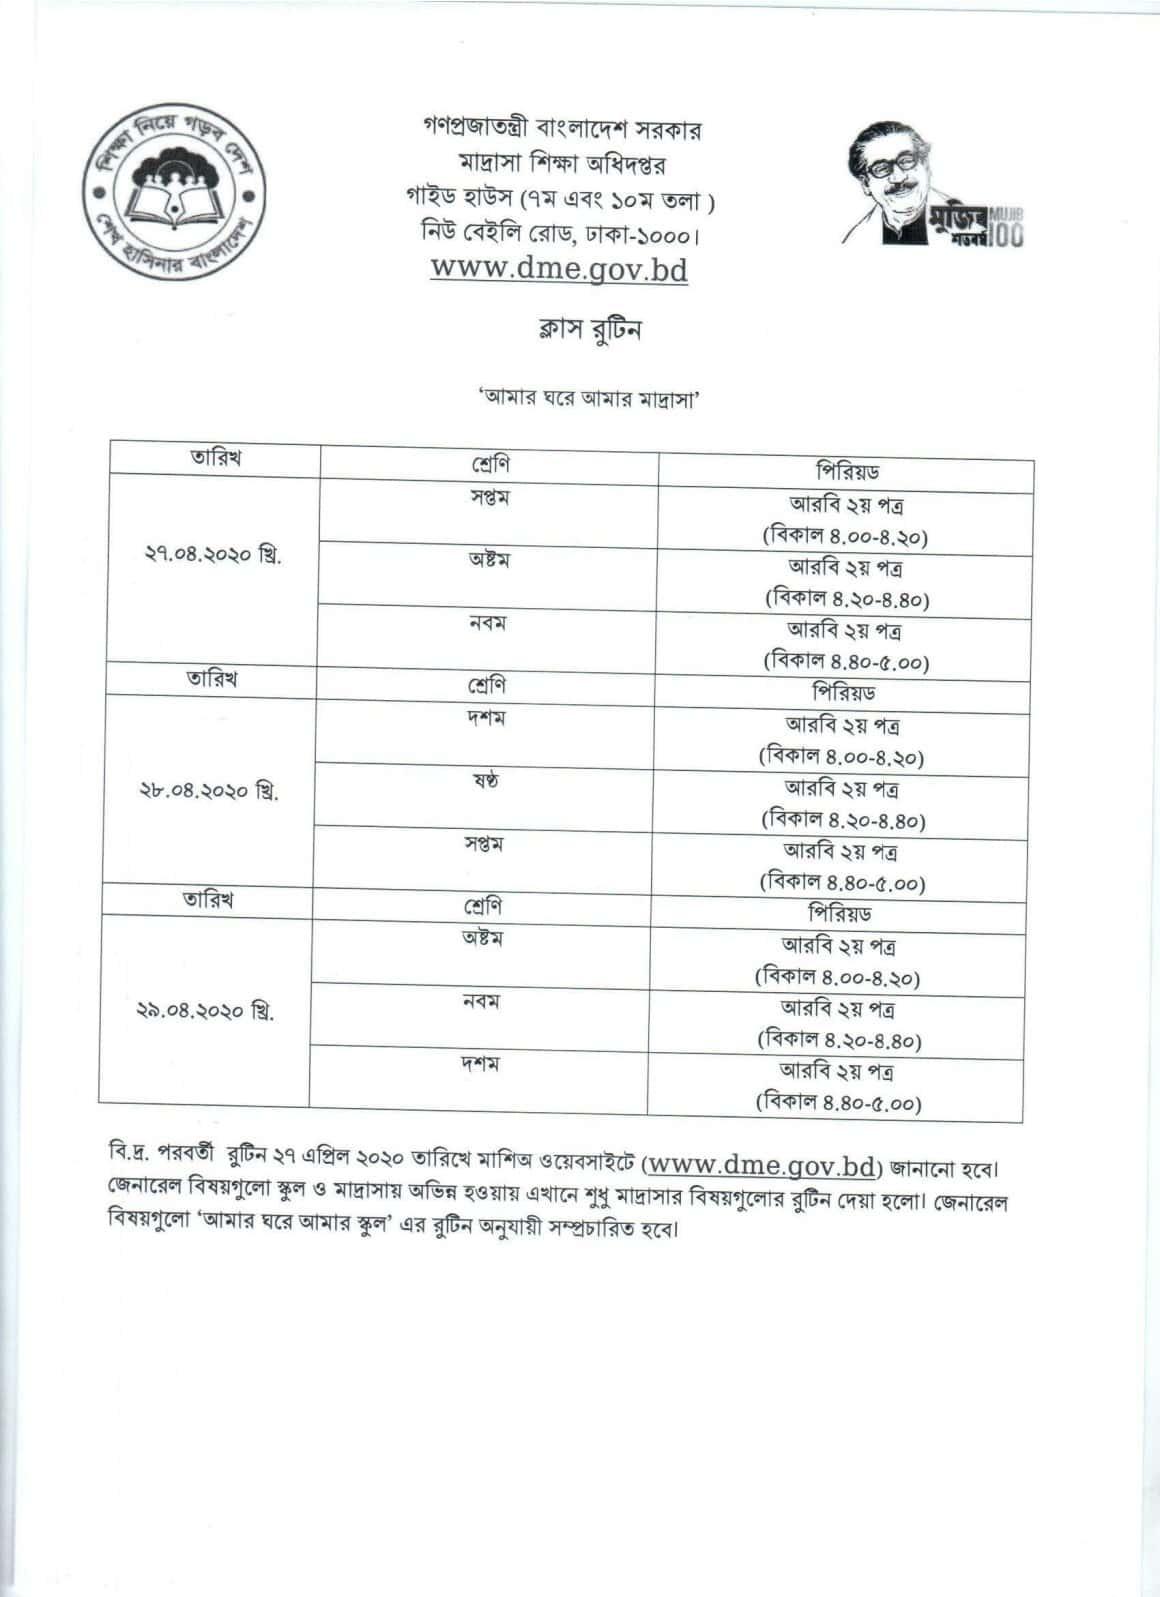 সংসদ টিভির মাদ্রাসার ক্লাস রুটিন ২০২০ | আমার ঘরে আমার মাদ্রাসা ক্লাস রুটিন |মাদ্রাসার অনলাইন ক্লাস রুটিন pdf